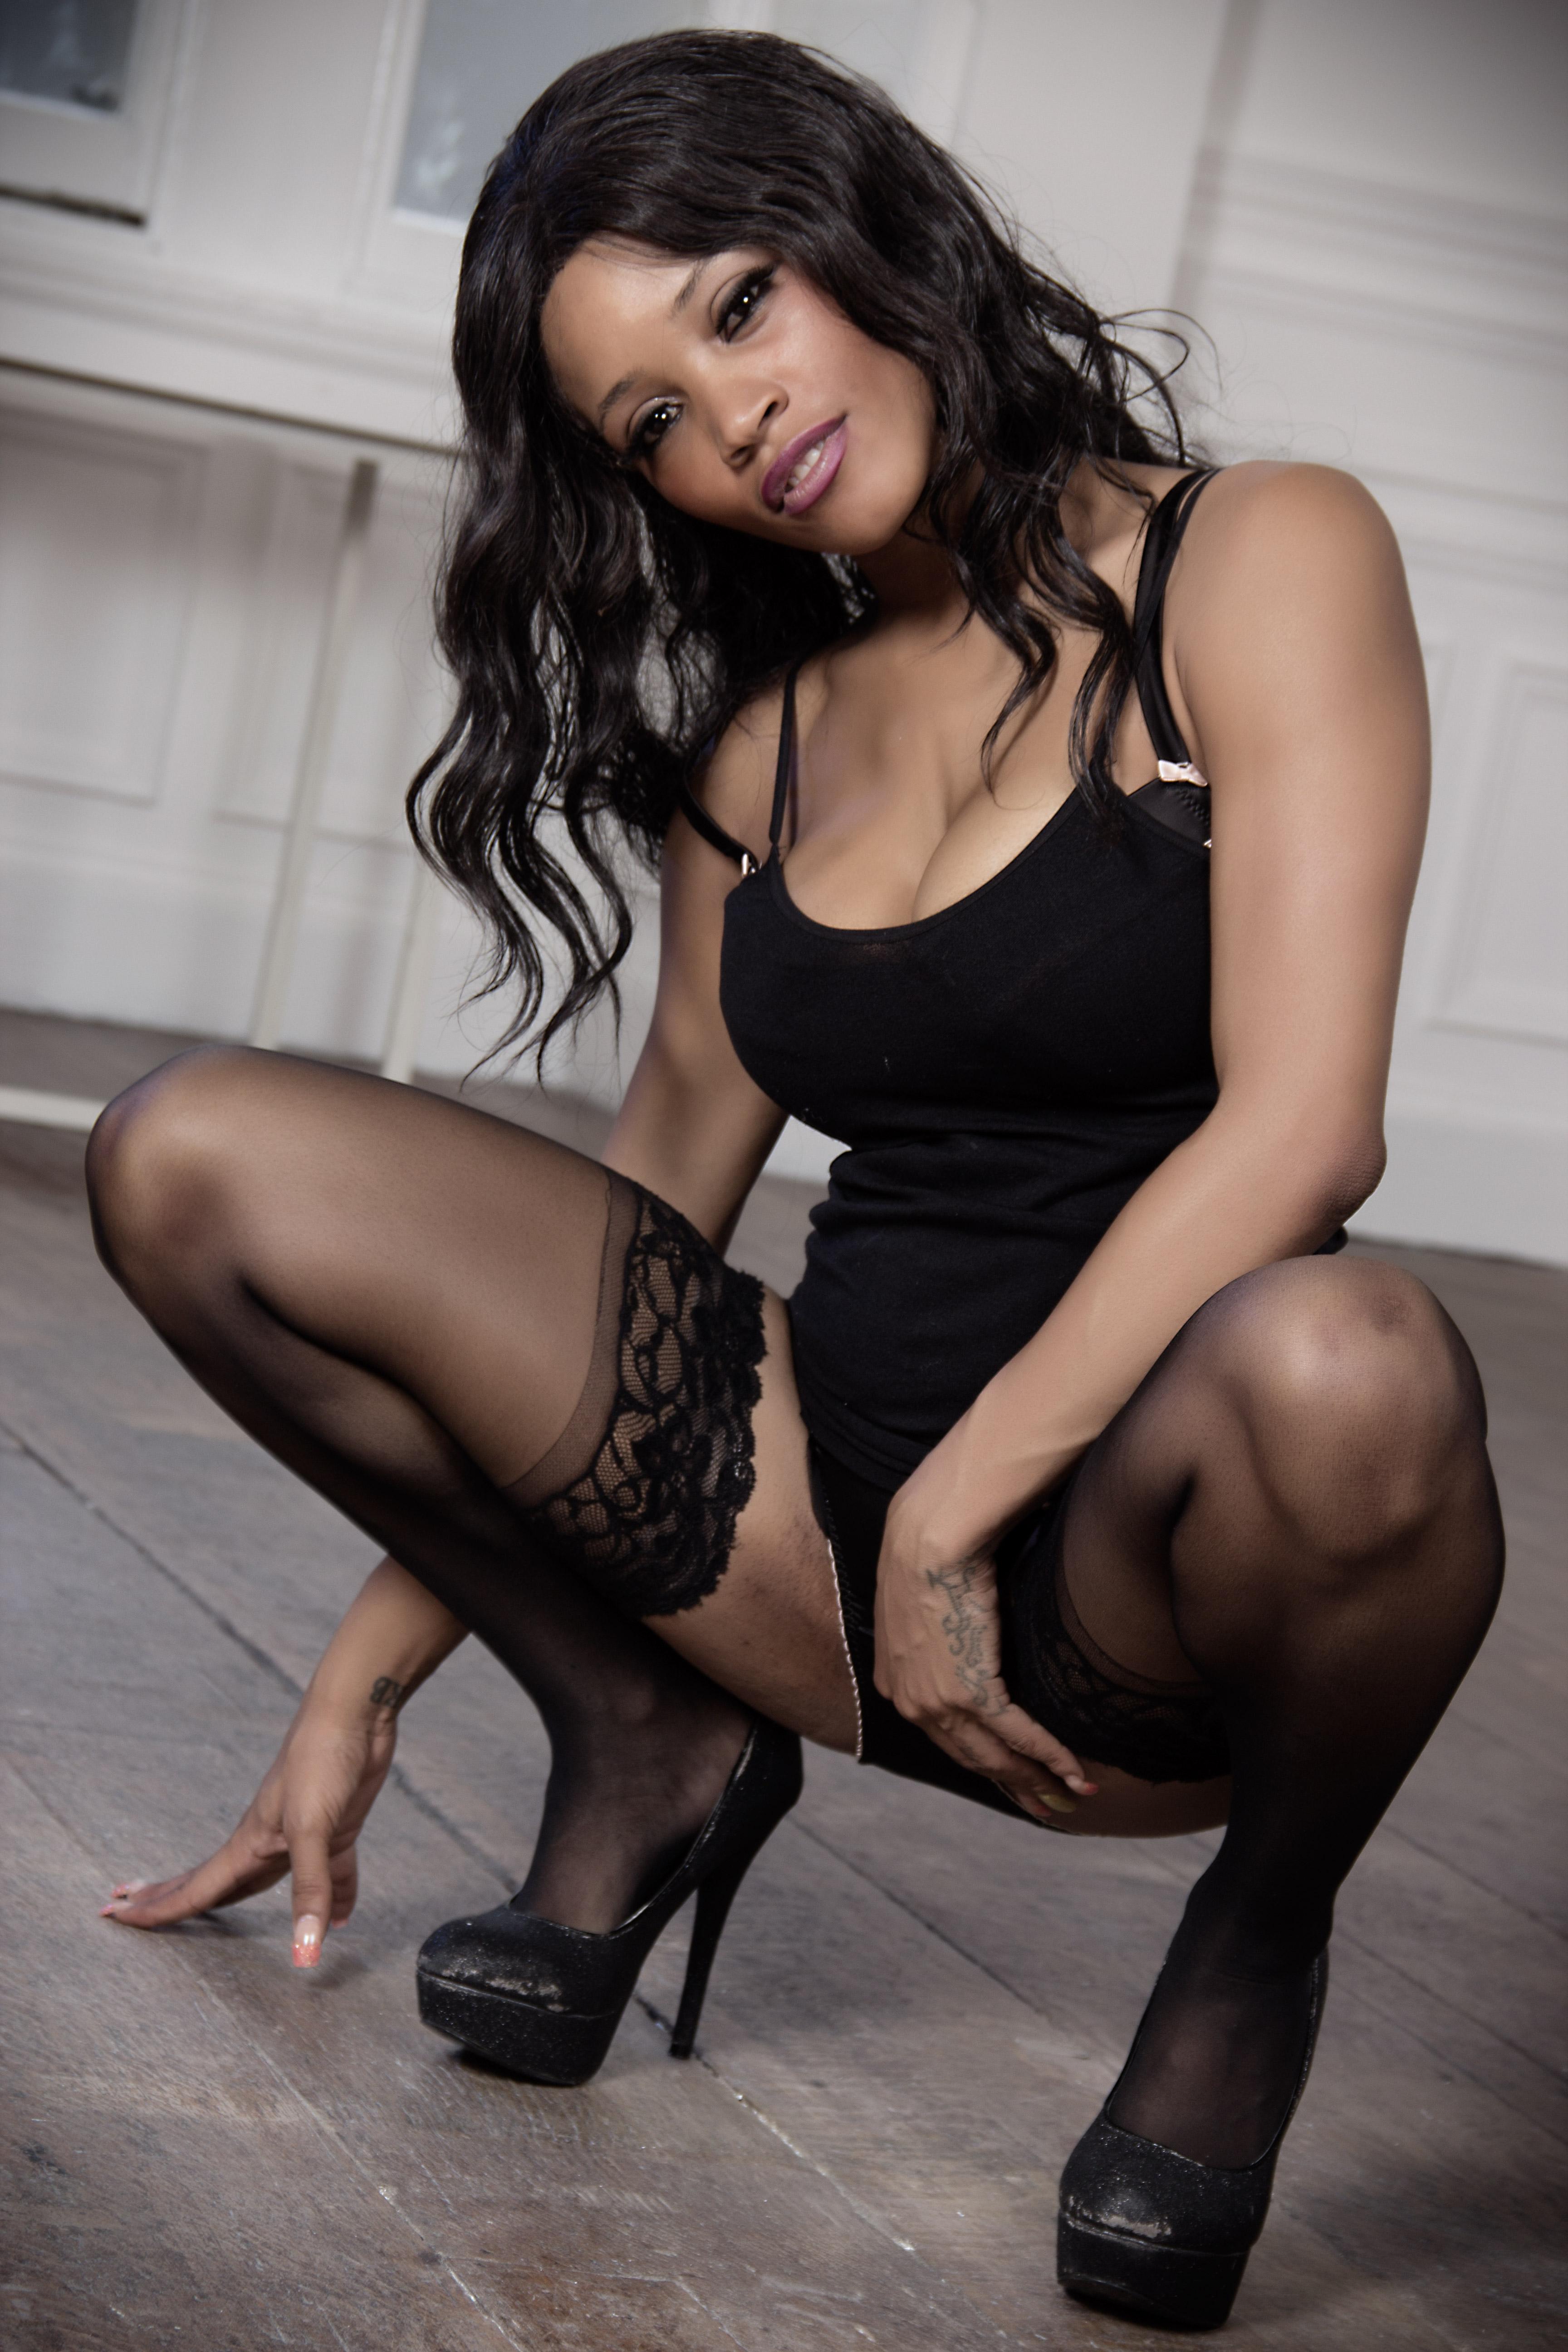 Kiki Minaj on Babestation TV